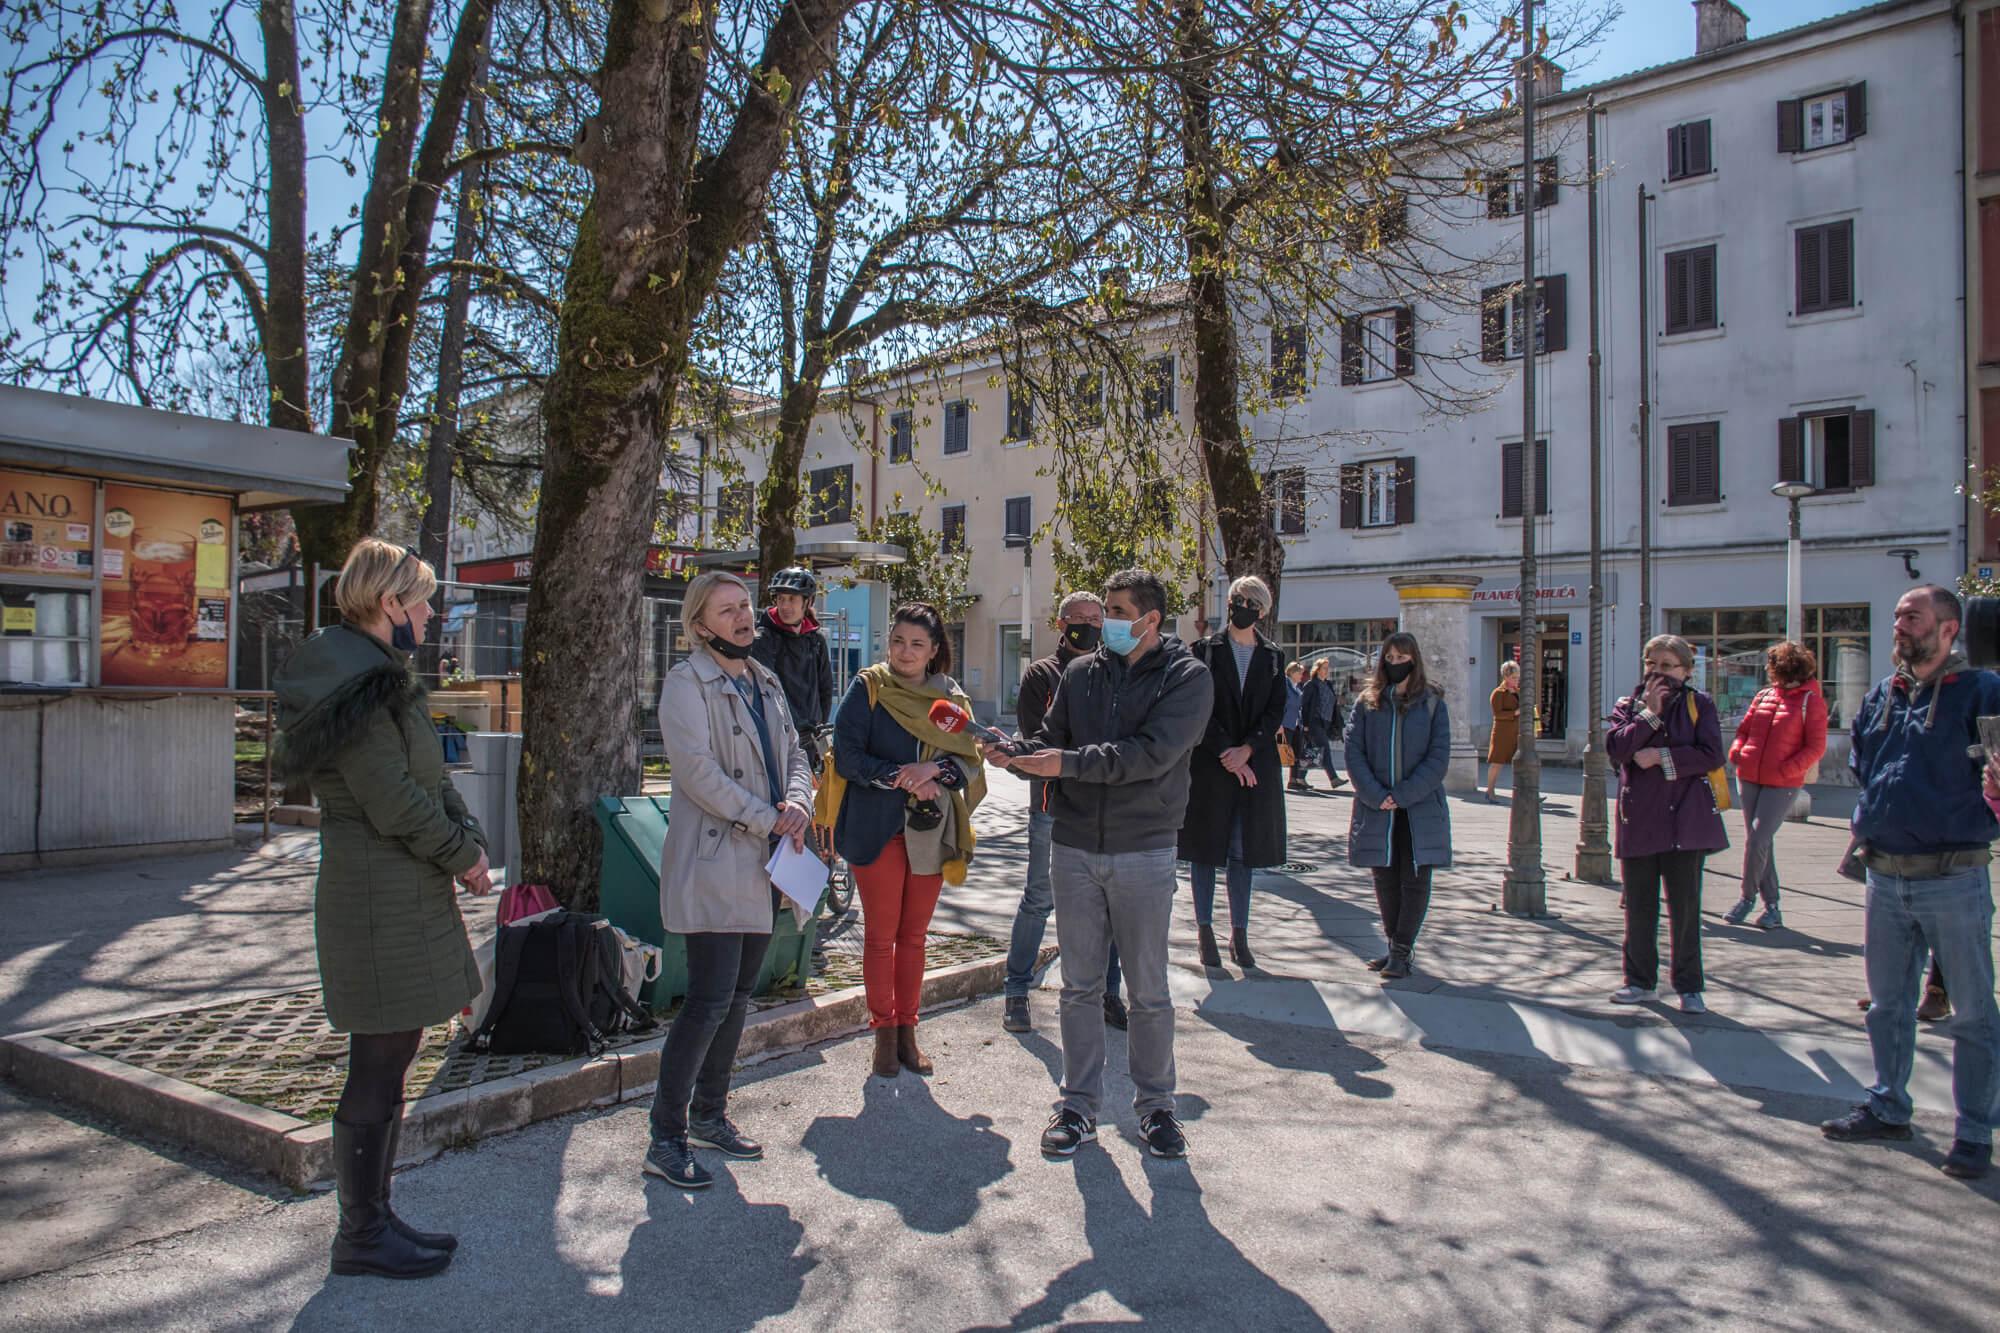 Održano javno predstavljanje kandidatkinje za gradonačelnicu Grada Pazina i kandidata za zamjenika gradonačelnice političke platforme Možemo!